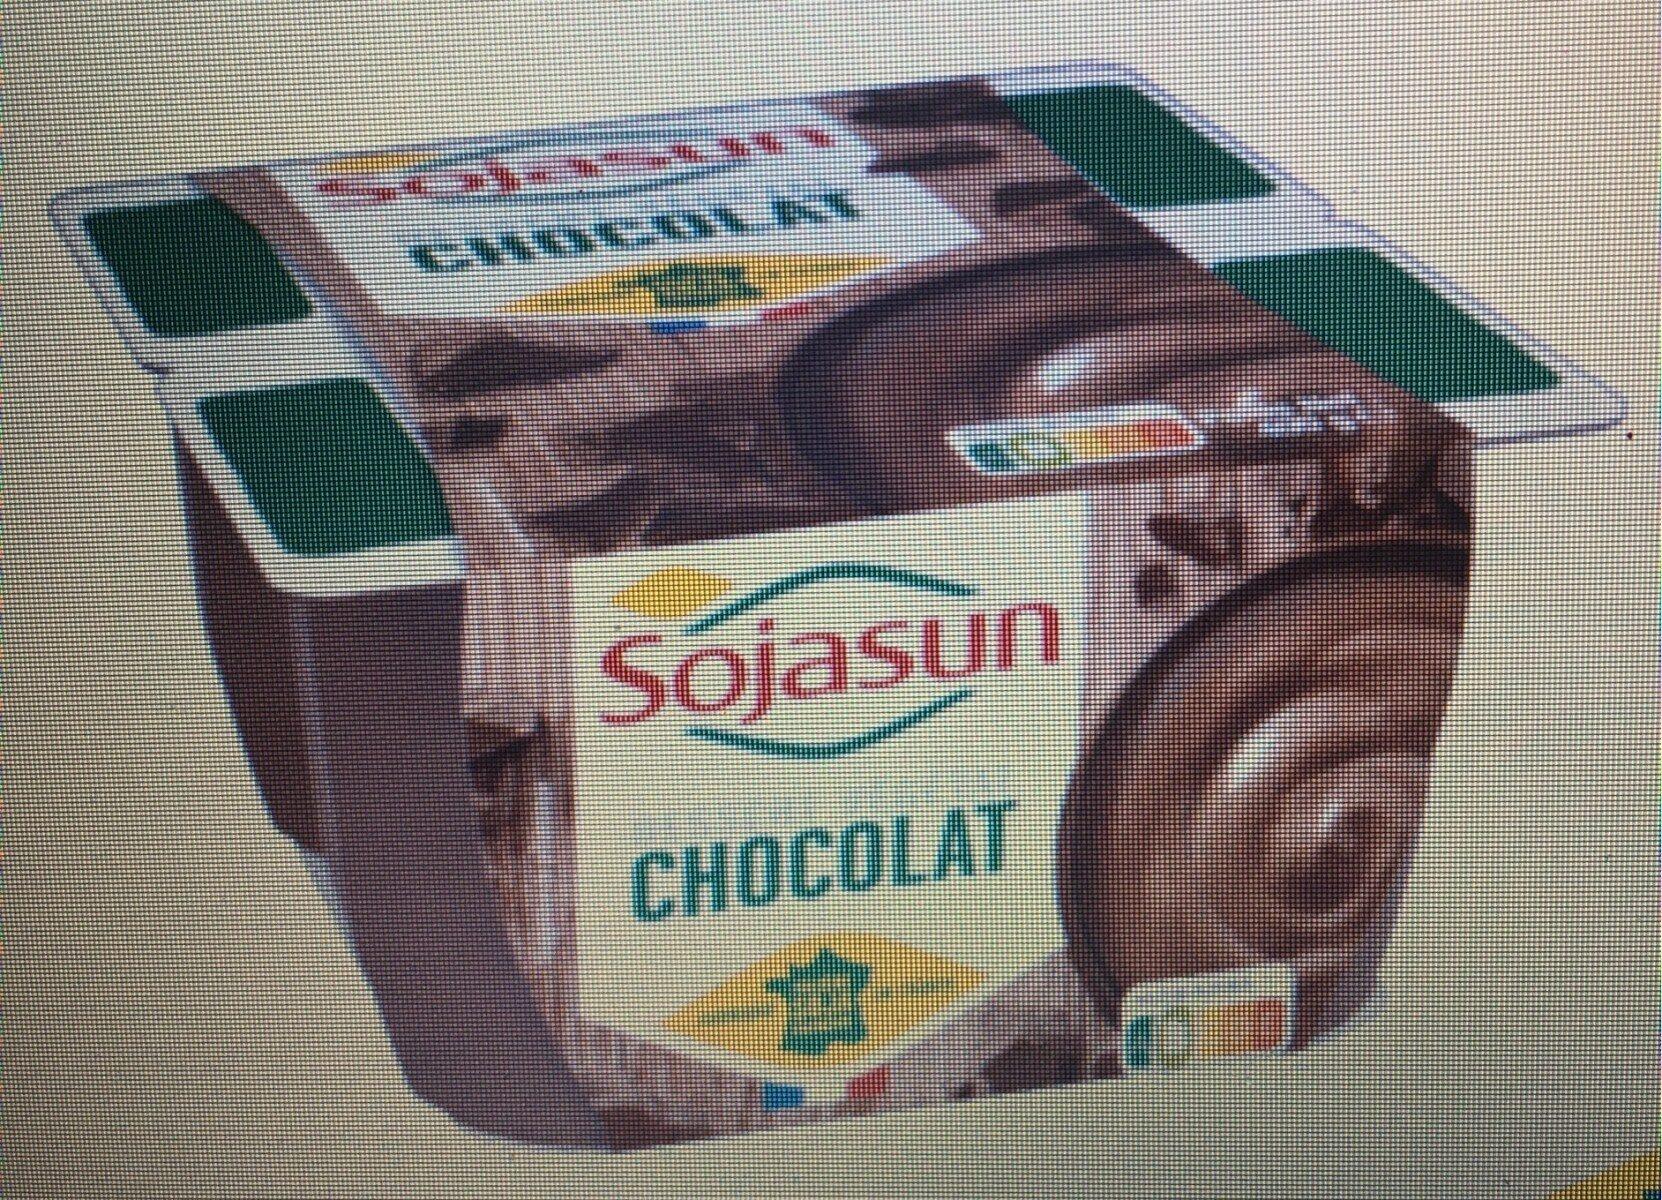 Dessert végétal chocolat - Product - fr